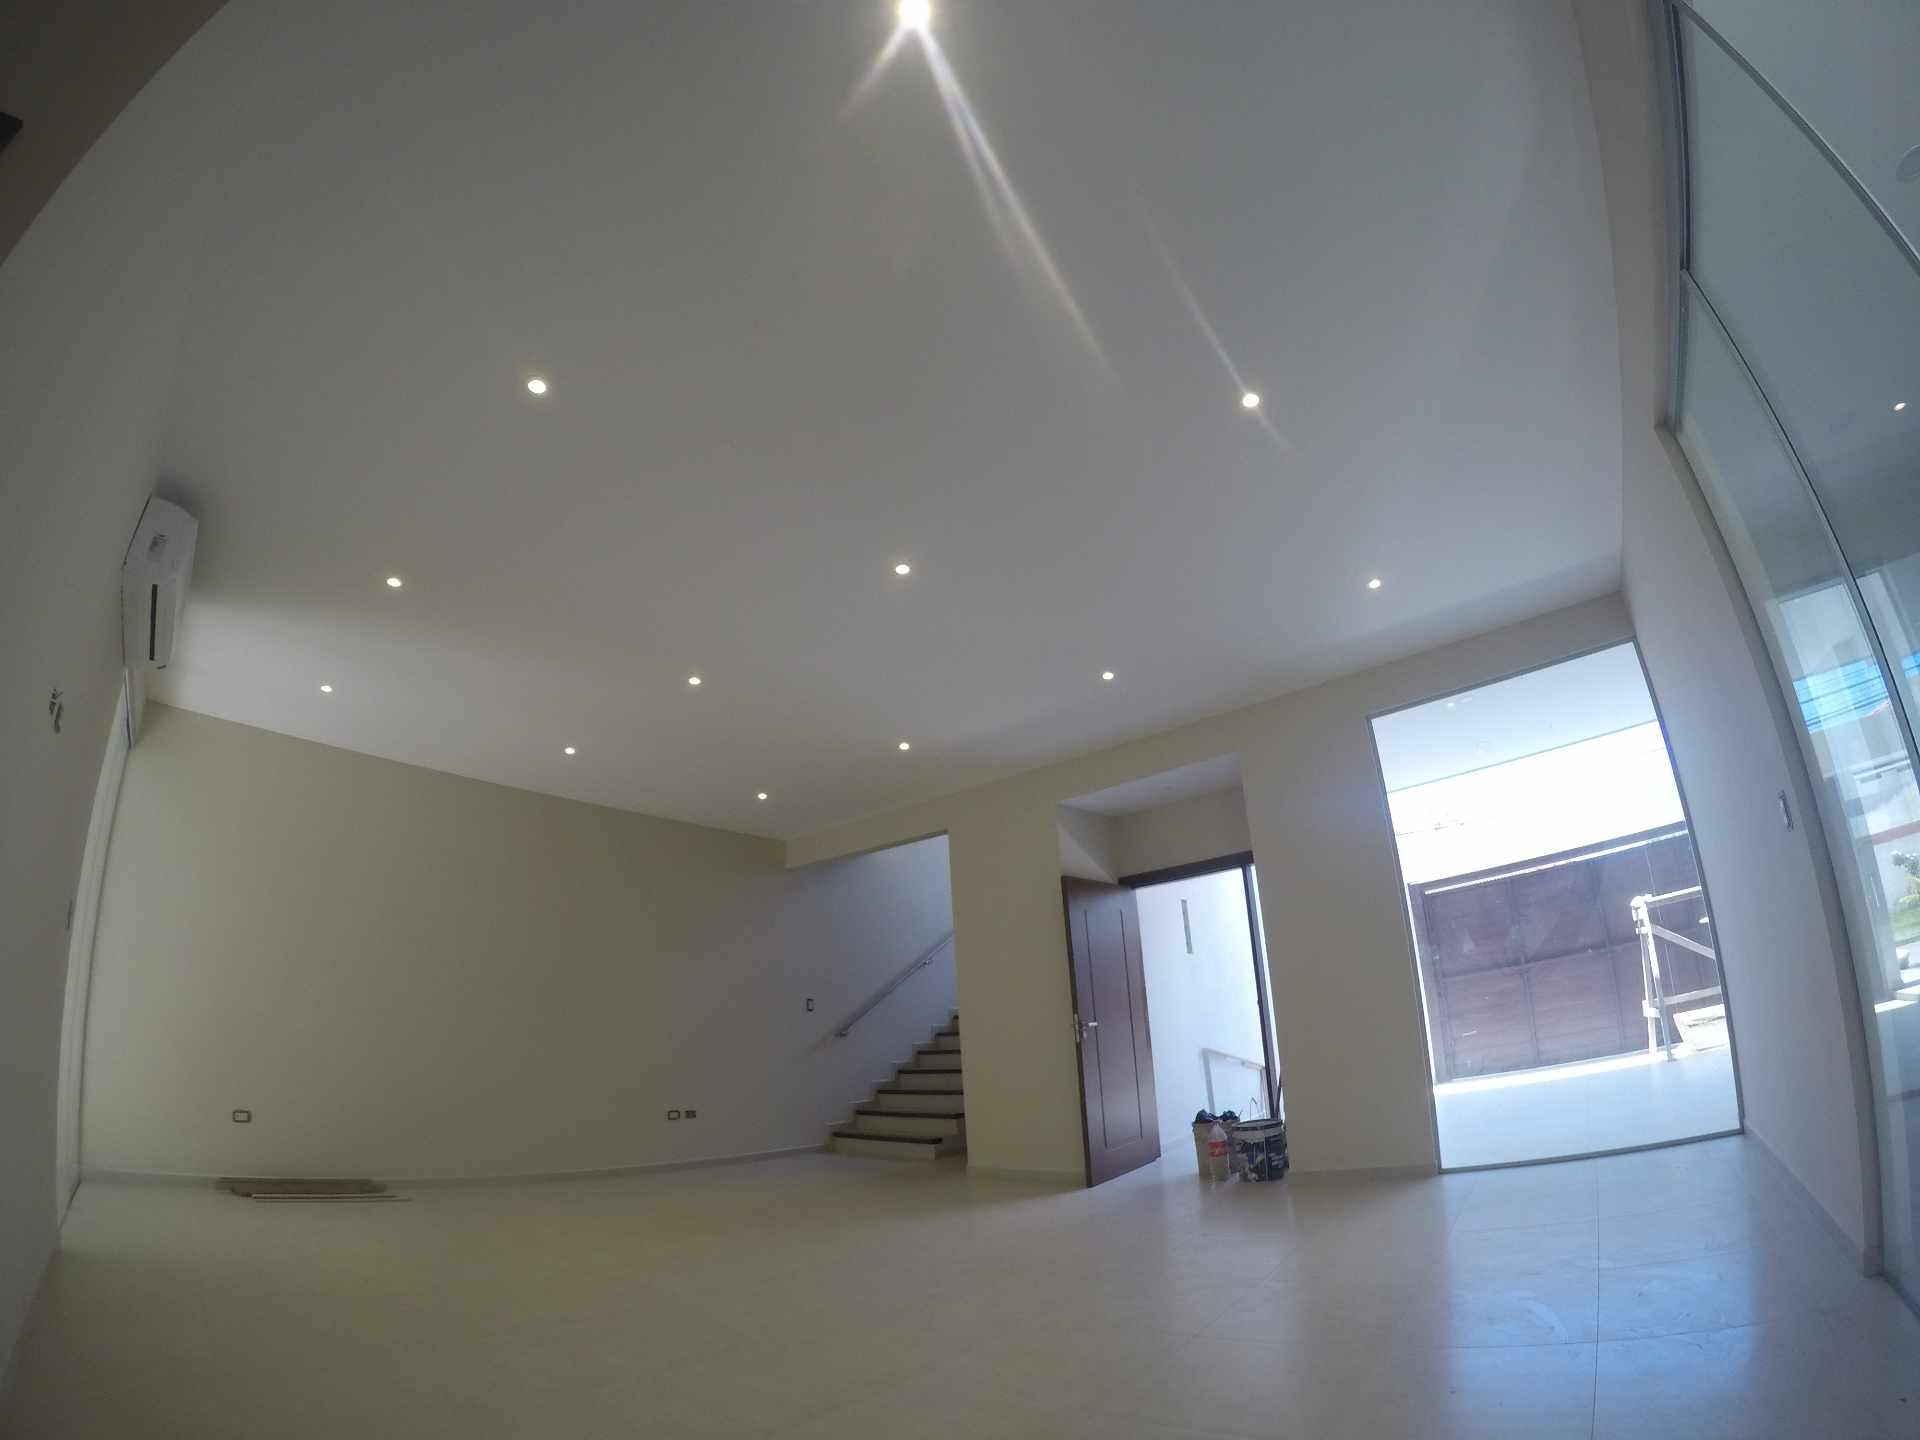 Casa en Alquiler Casa independiente en alquiler a estrenar, próximo a Parque Los Mangales II [Av. Beni y 4to. Anillo], De 3 plantas, 3 dormitorios (2 en suite), con dependencias. [1000$us.] Foto 16